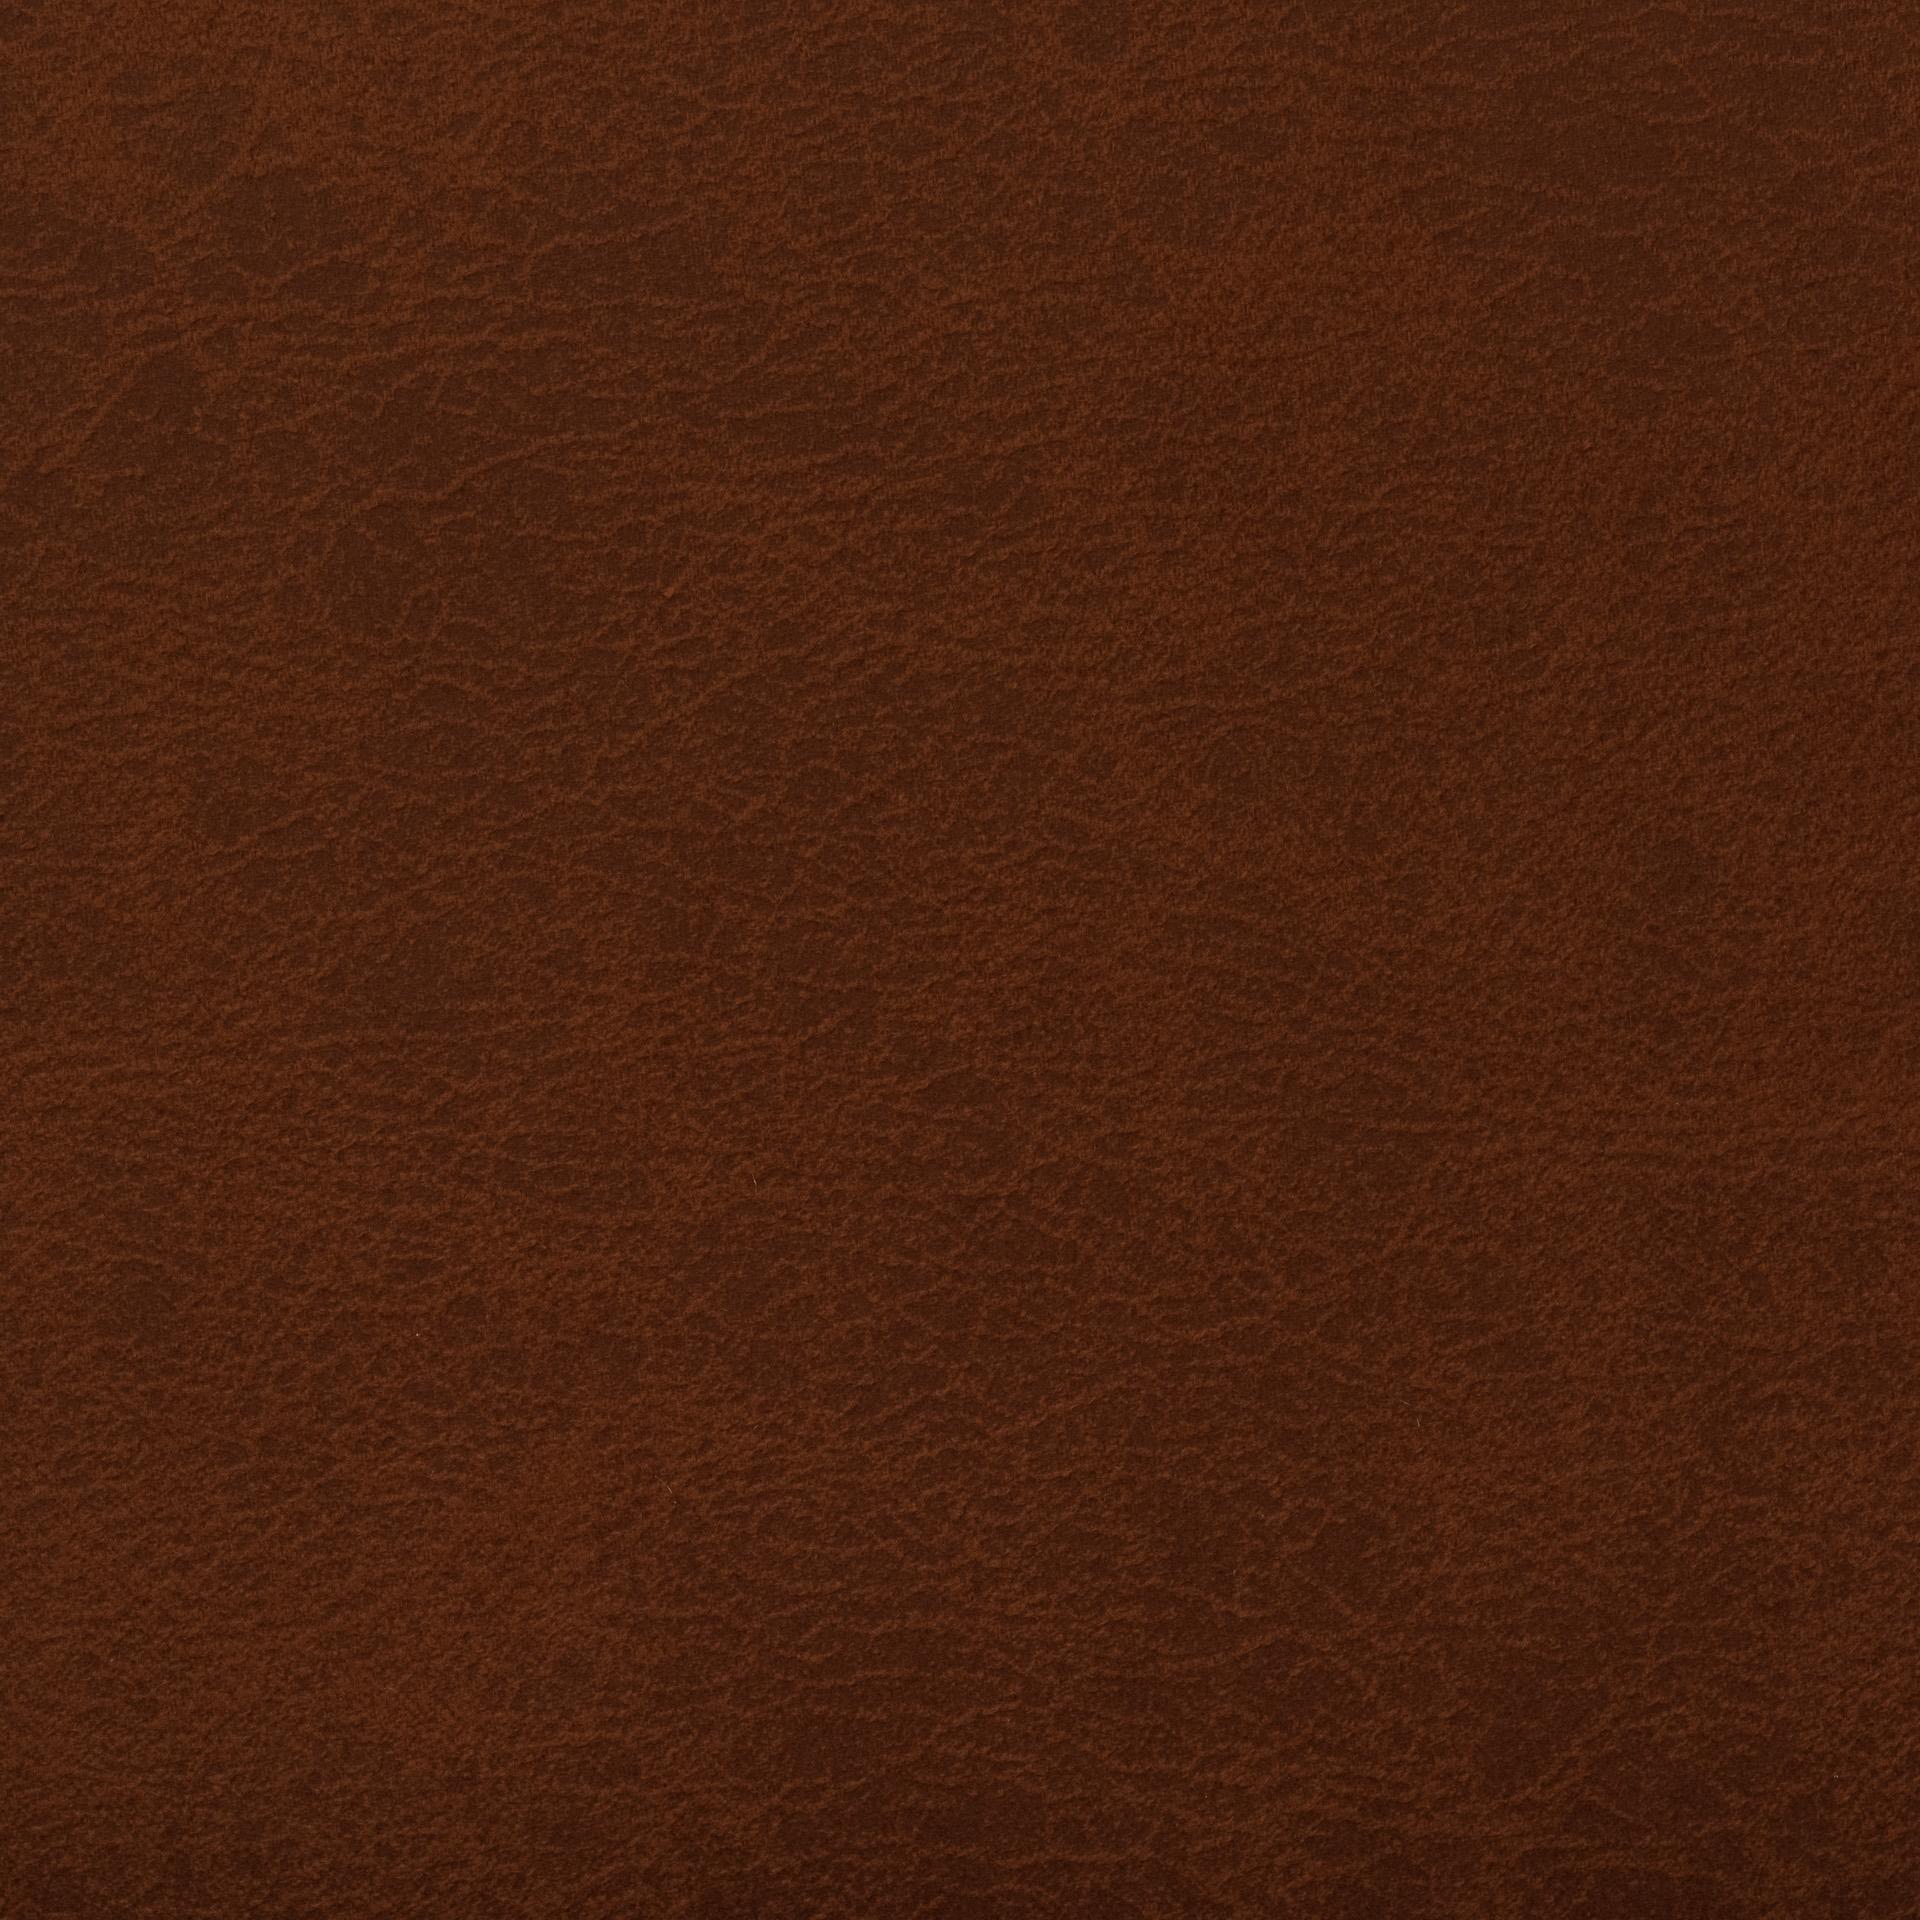 Коллекция ткани Лора 46,  купить ткань Велюр для мебели Украина